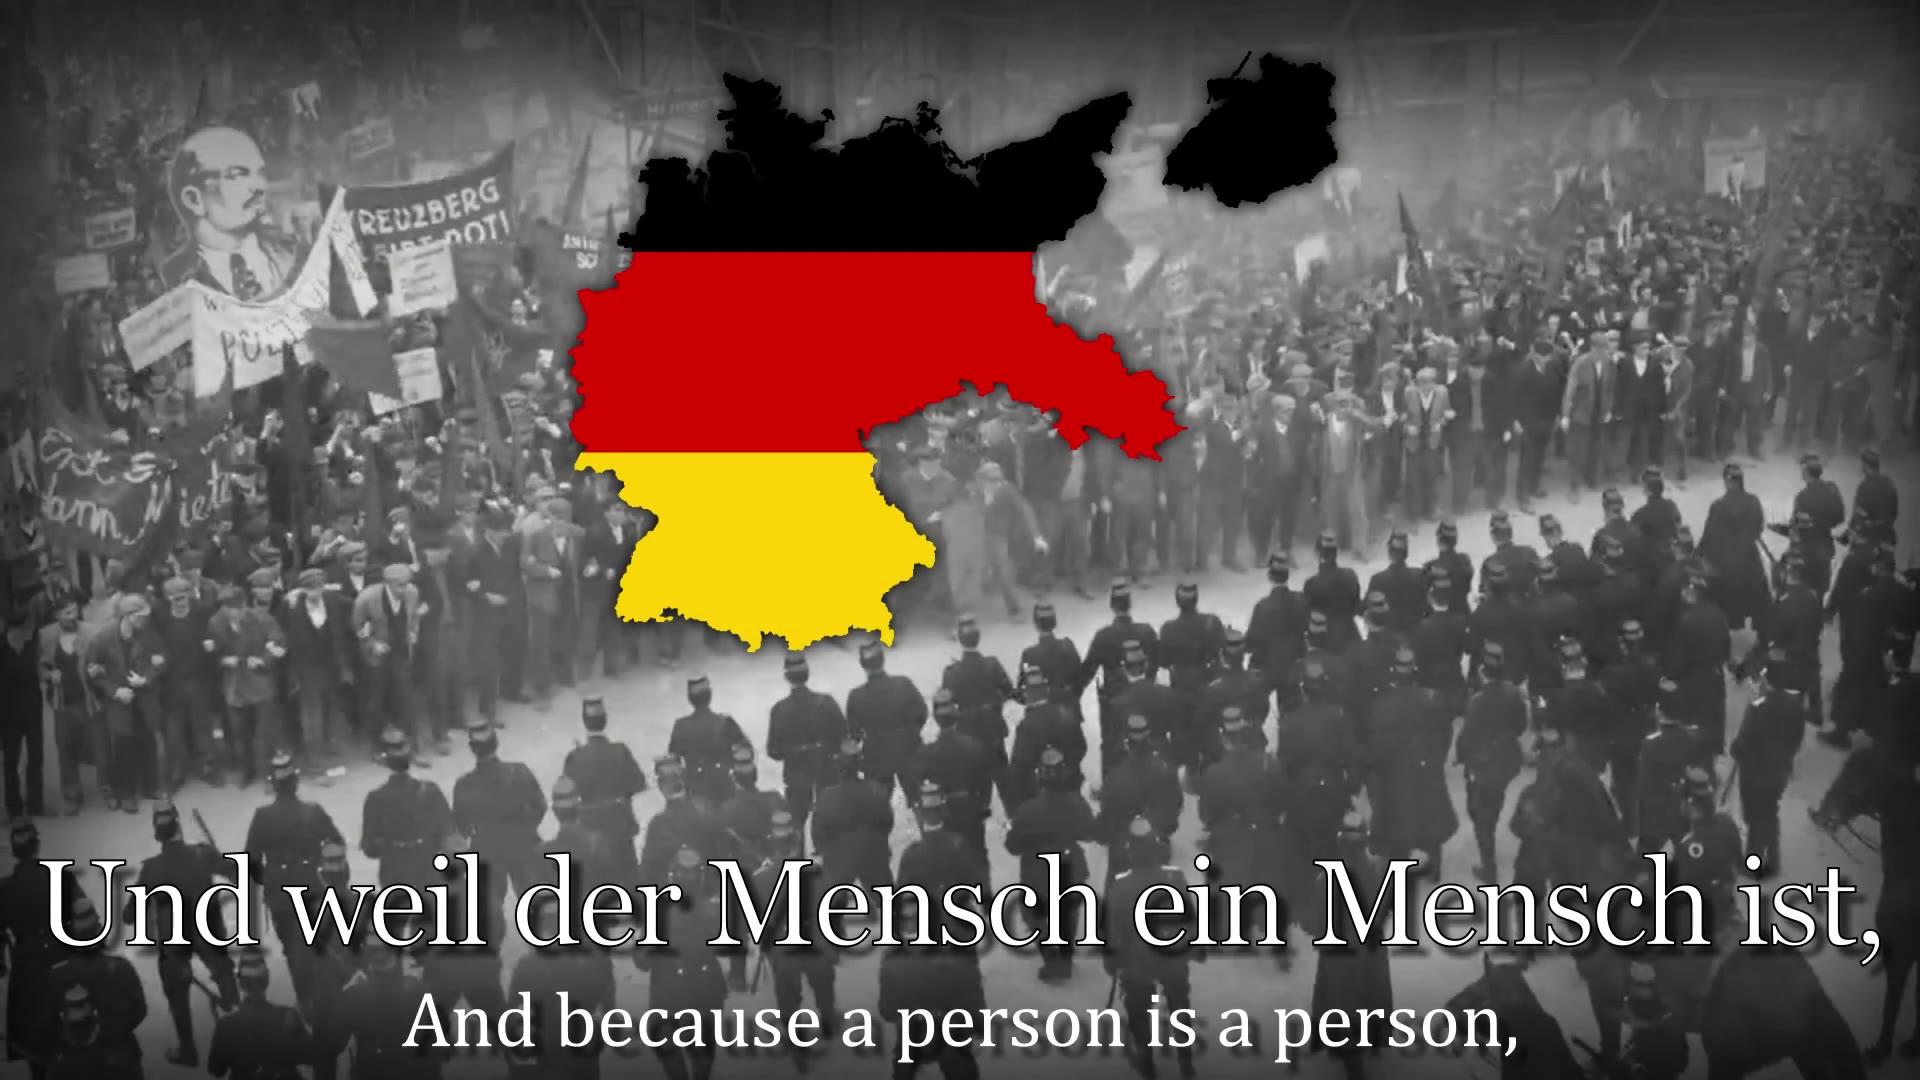 【红歌】Einheitsfrontlied - German Workers Song